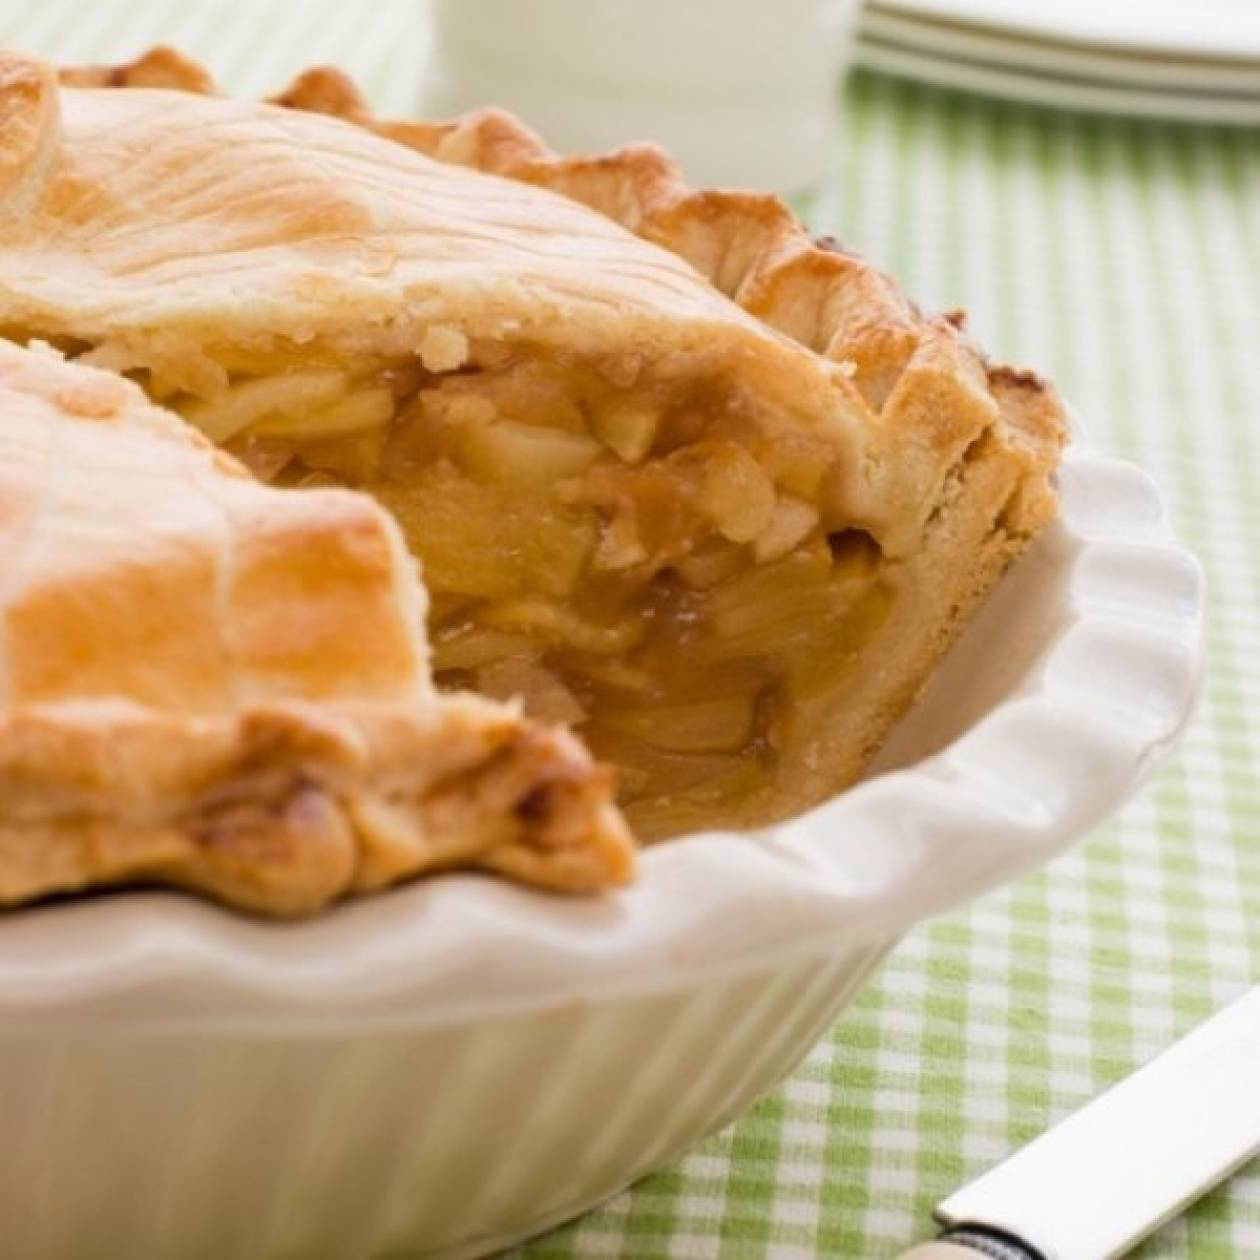 Παραδοσιακή πίτα γεμιστή με μήλα